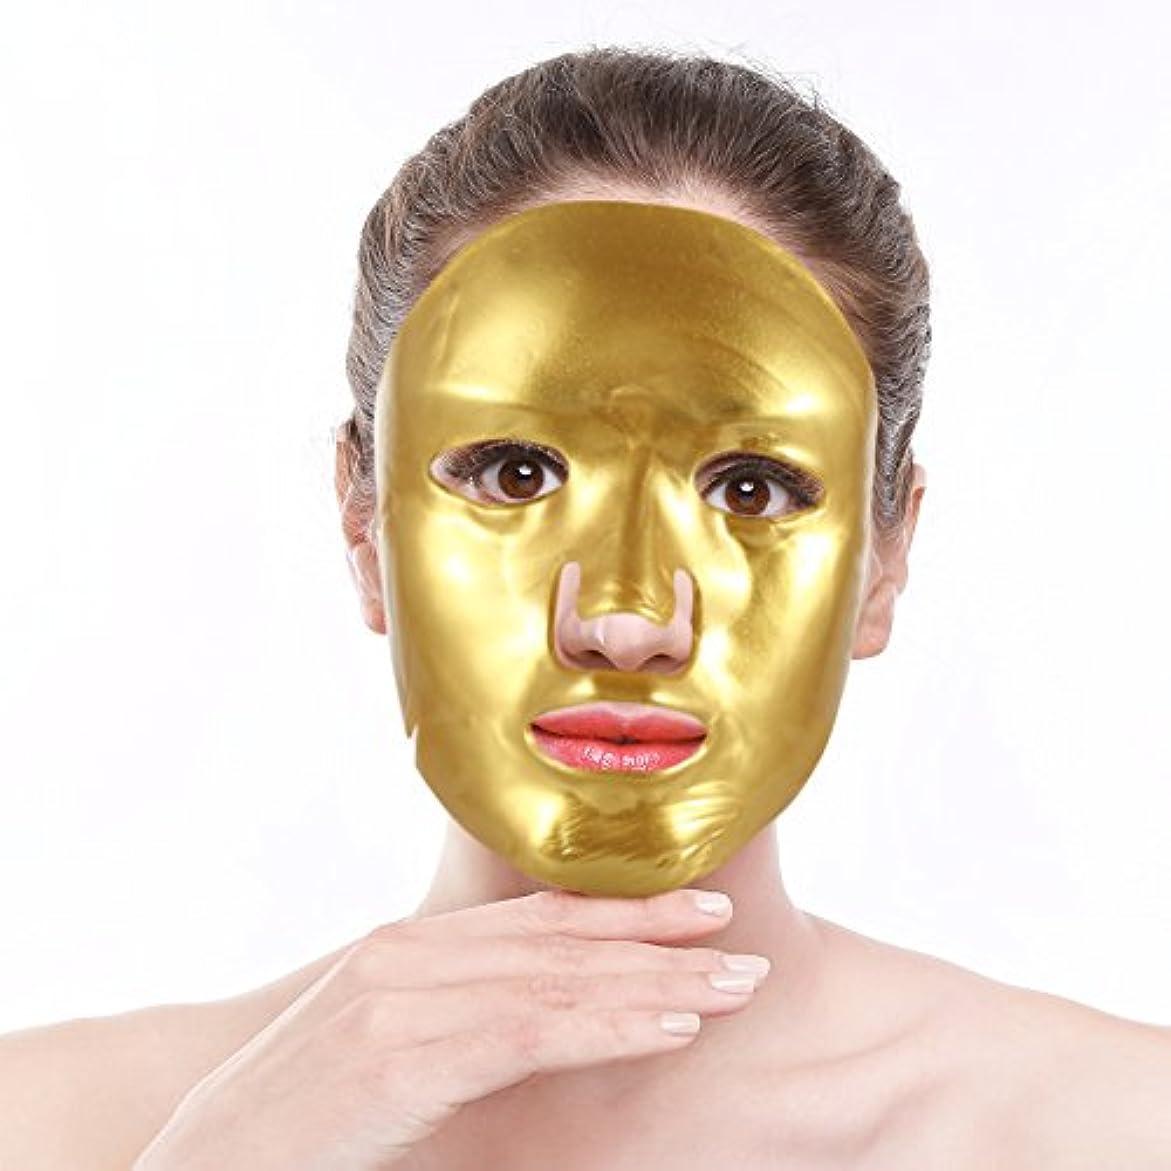 ベーコン啓示今晩フェイススキンケアクリスタルコラーゲンマスクゴールドパウダーモイスチャー マスク